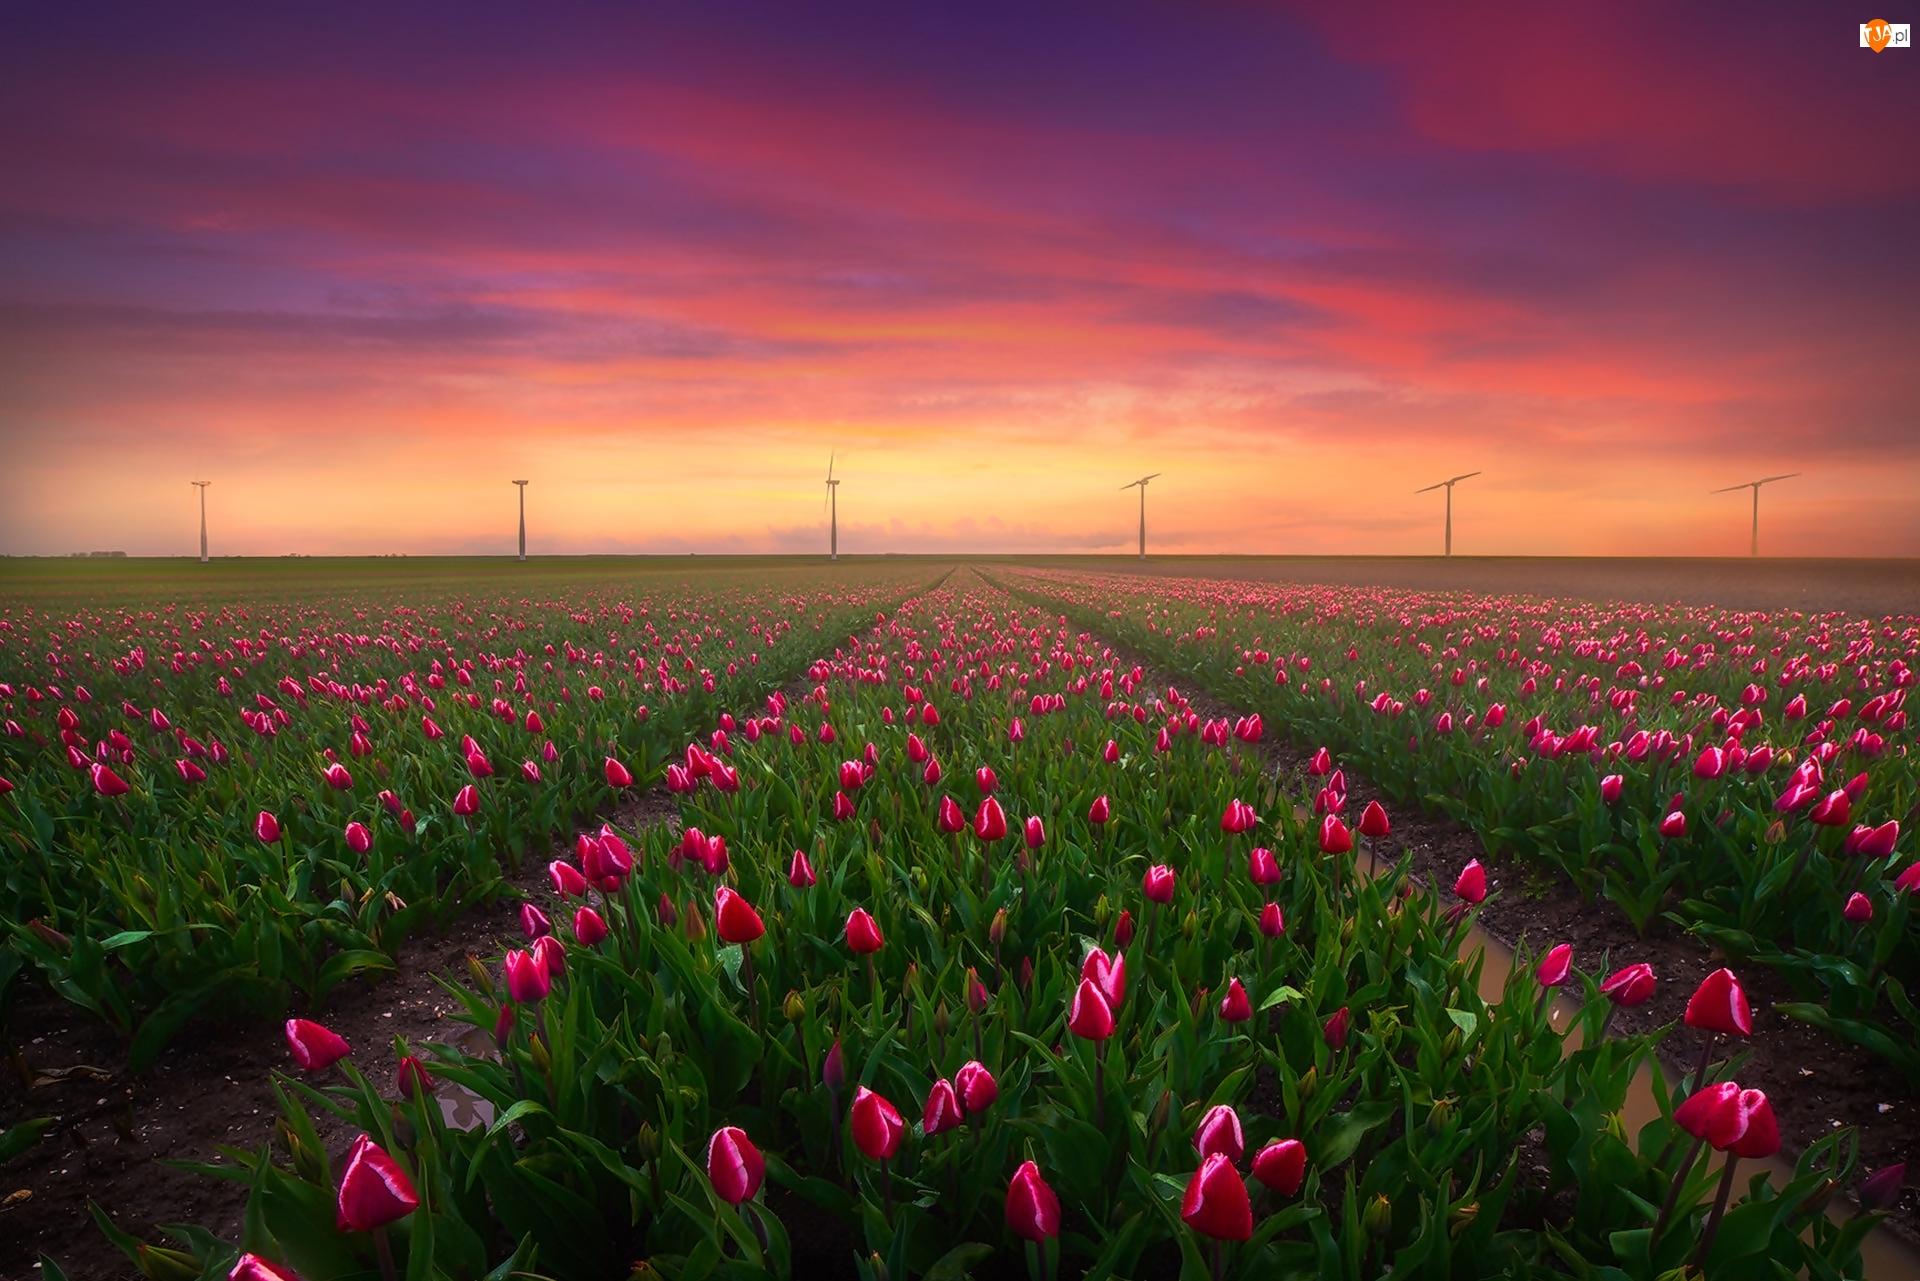 Pole, Wiatraki, Holandia, Zachód słońca, Keukenhof, Tulipany